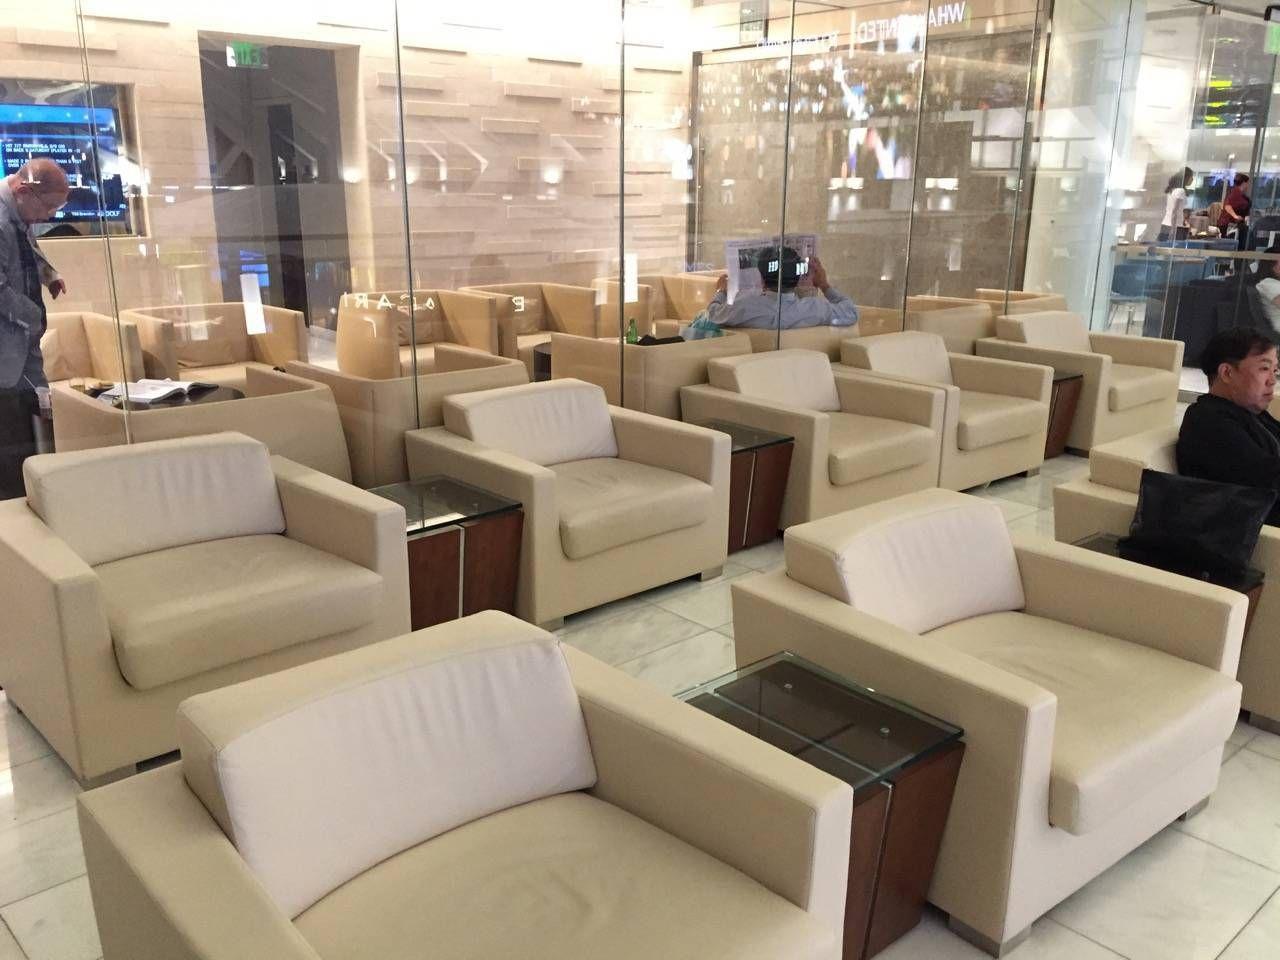 Korean Air First Class Lounge LAX -028